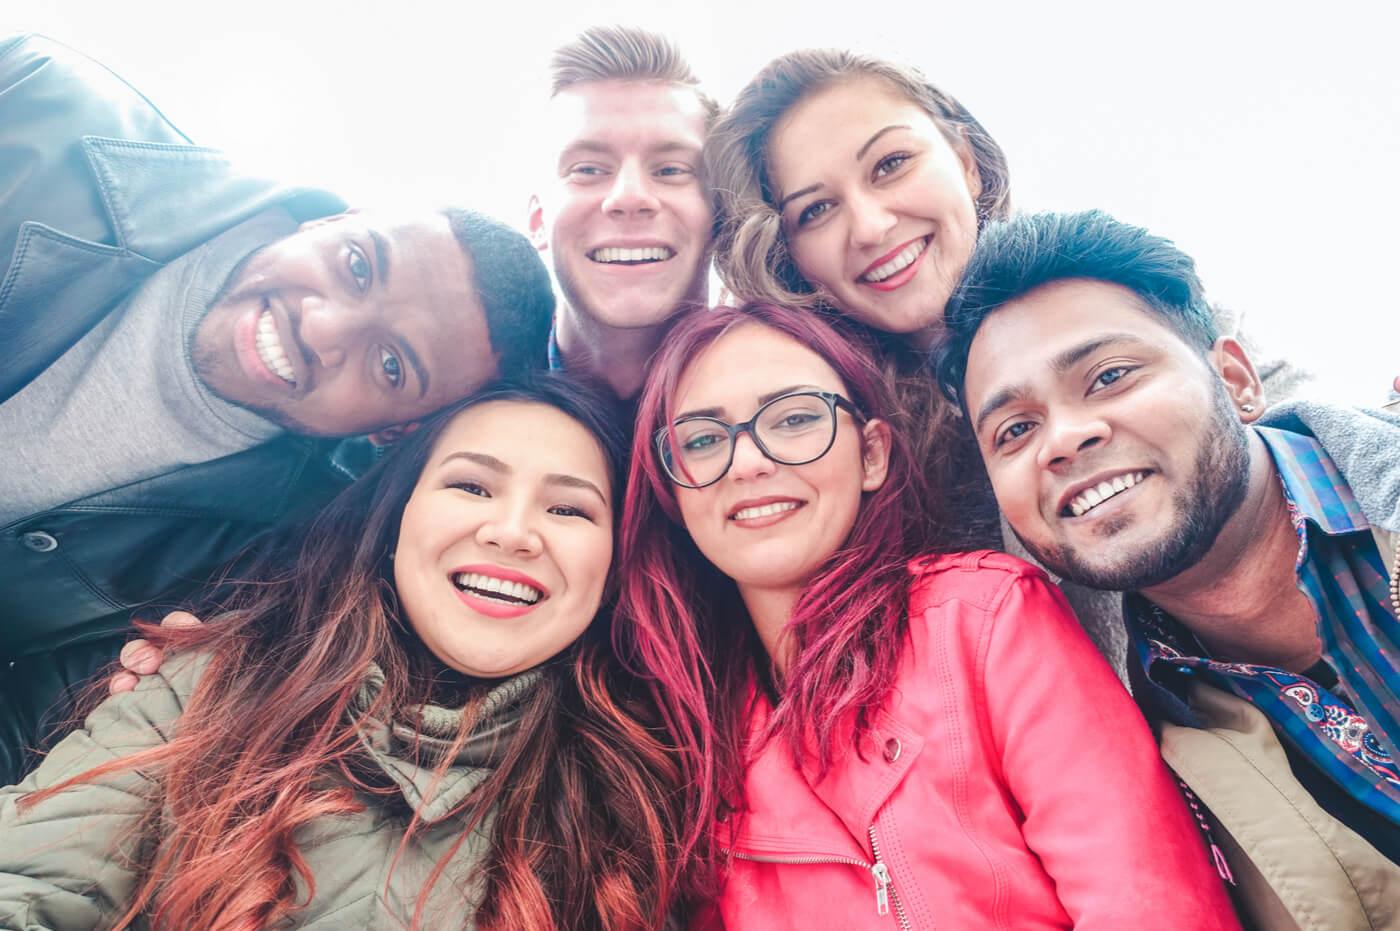 Narcisismo coletivo: os grupos que amam a si mesmos